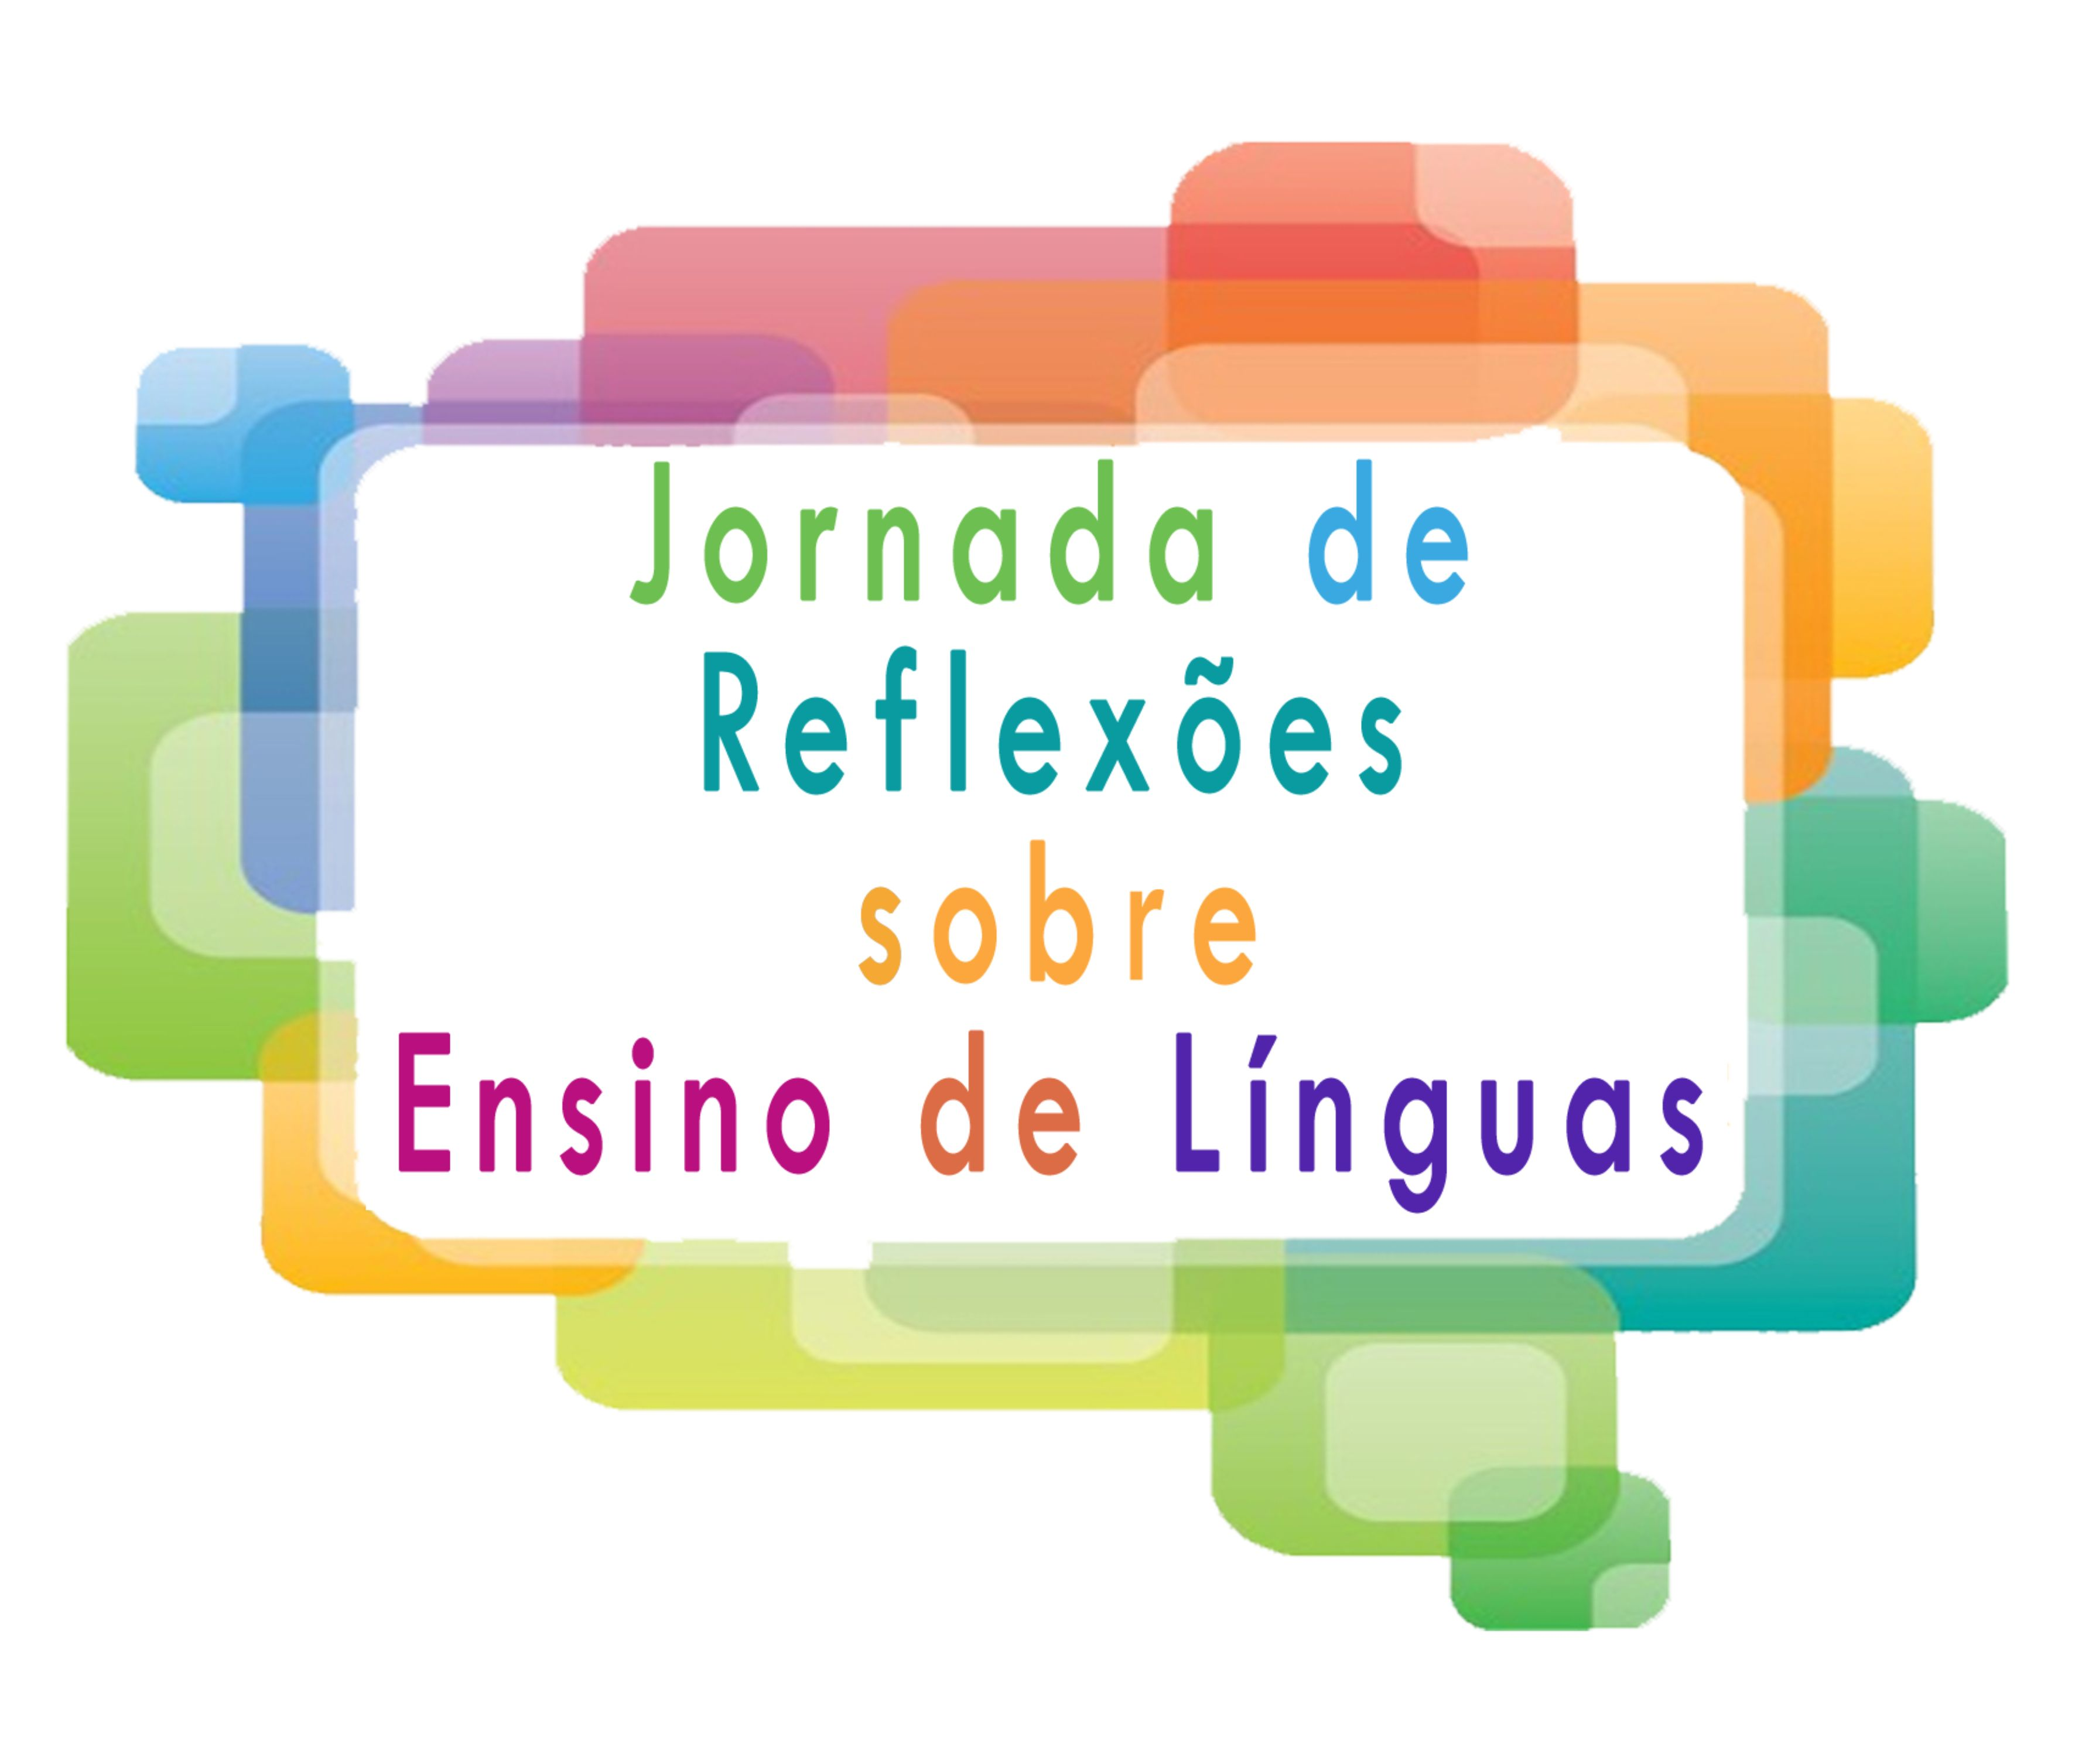 I Jornada de Reflexões Sobre Ensino de Línguas